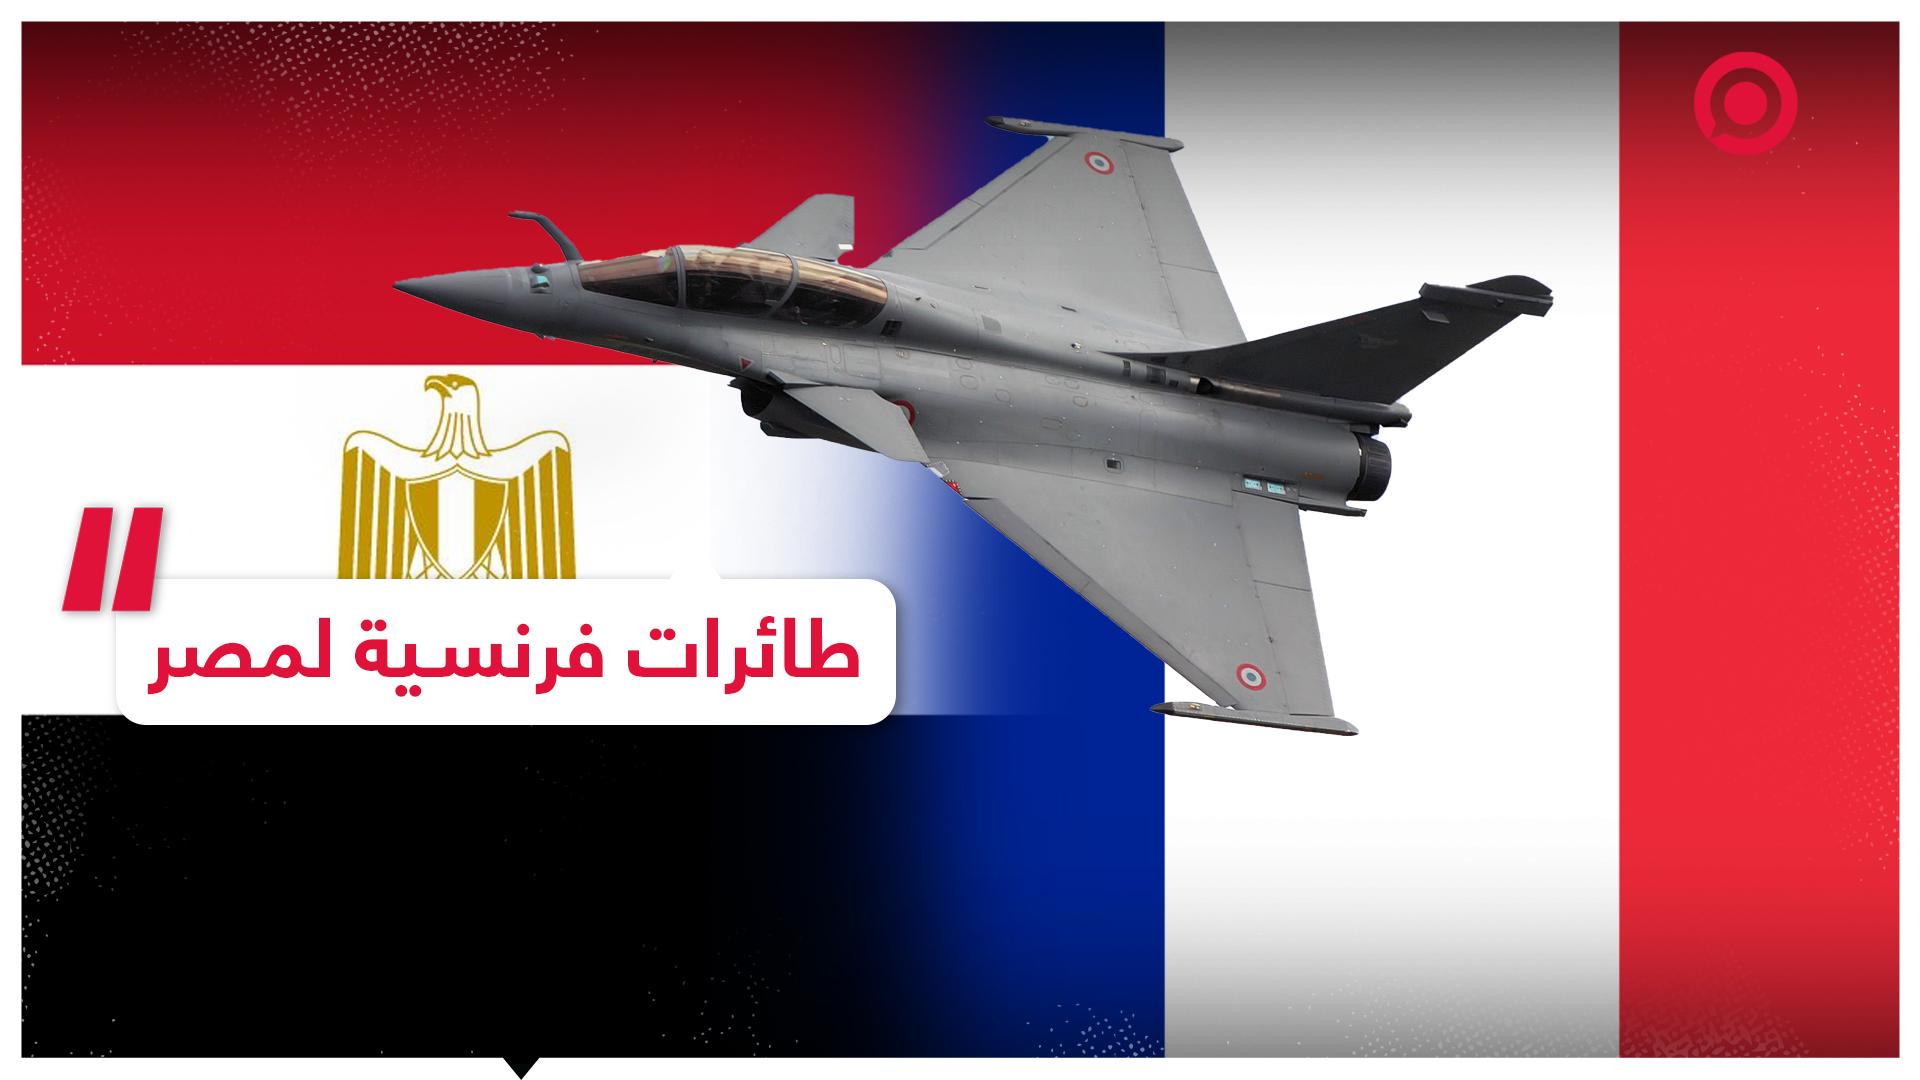 صفقة طائرات فرنسية لمصر